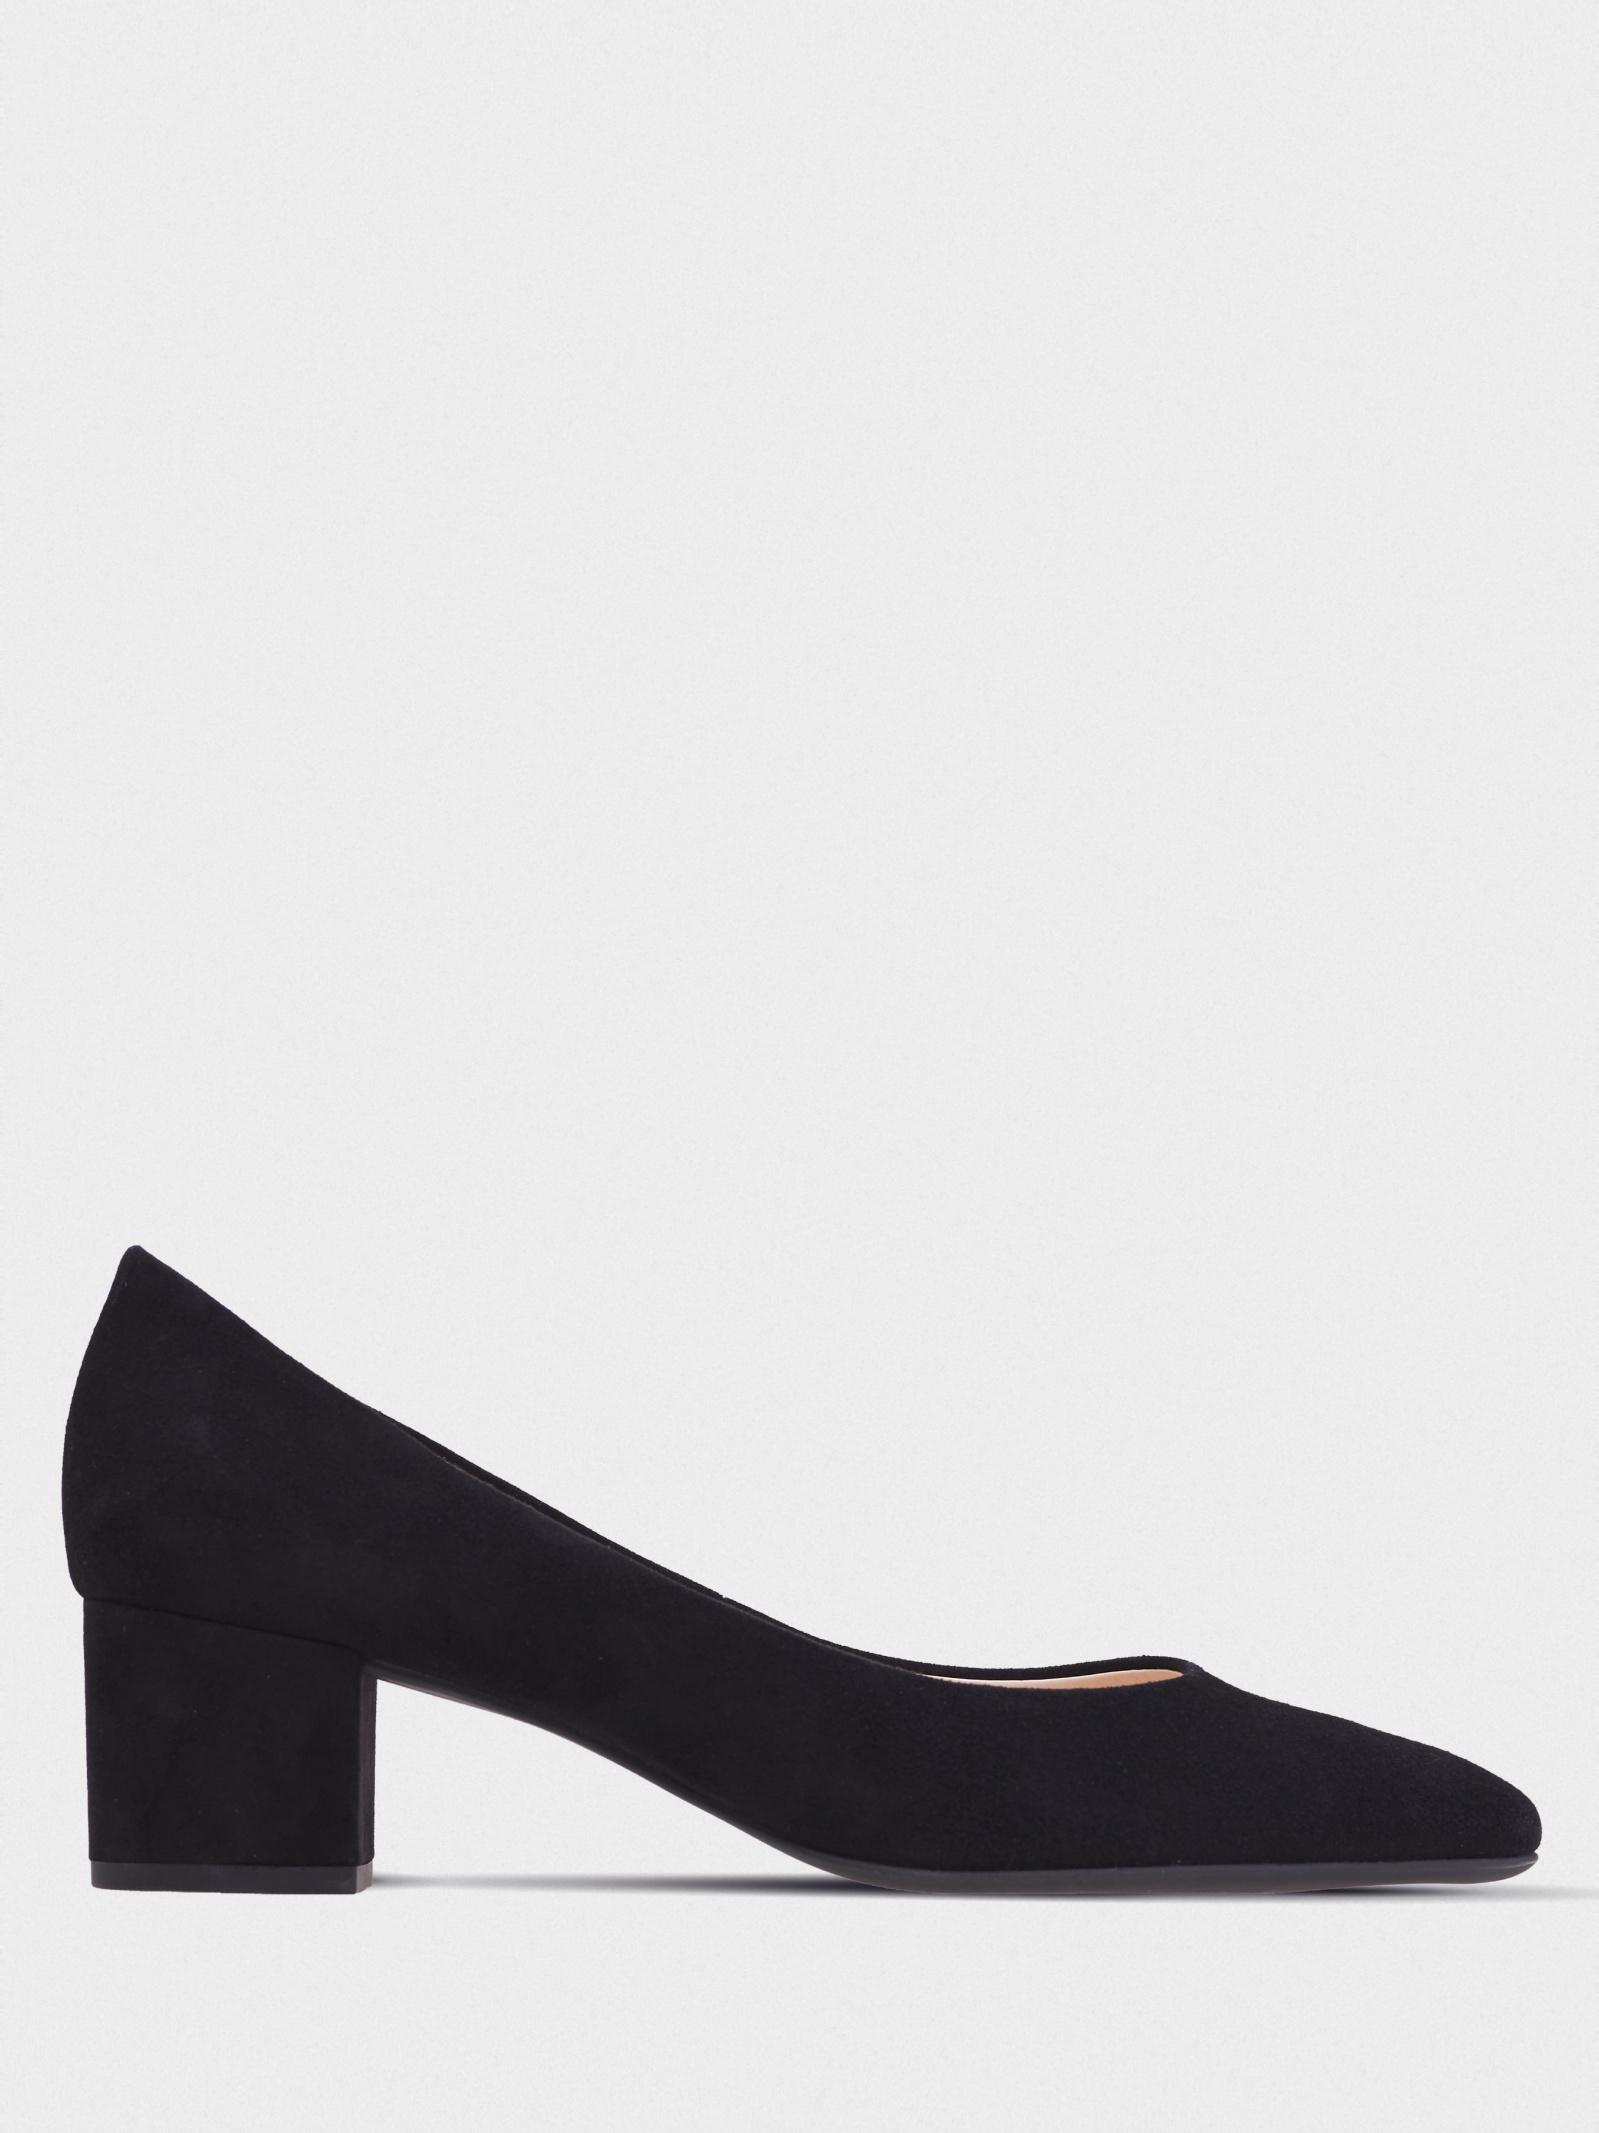 Туфли для женщин Hogl STUDIO 40 YN4030 модная обувь, 2017